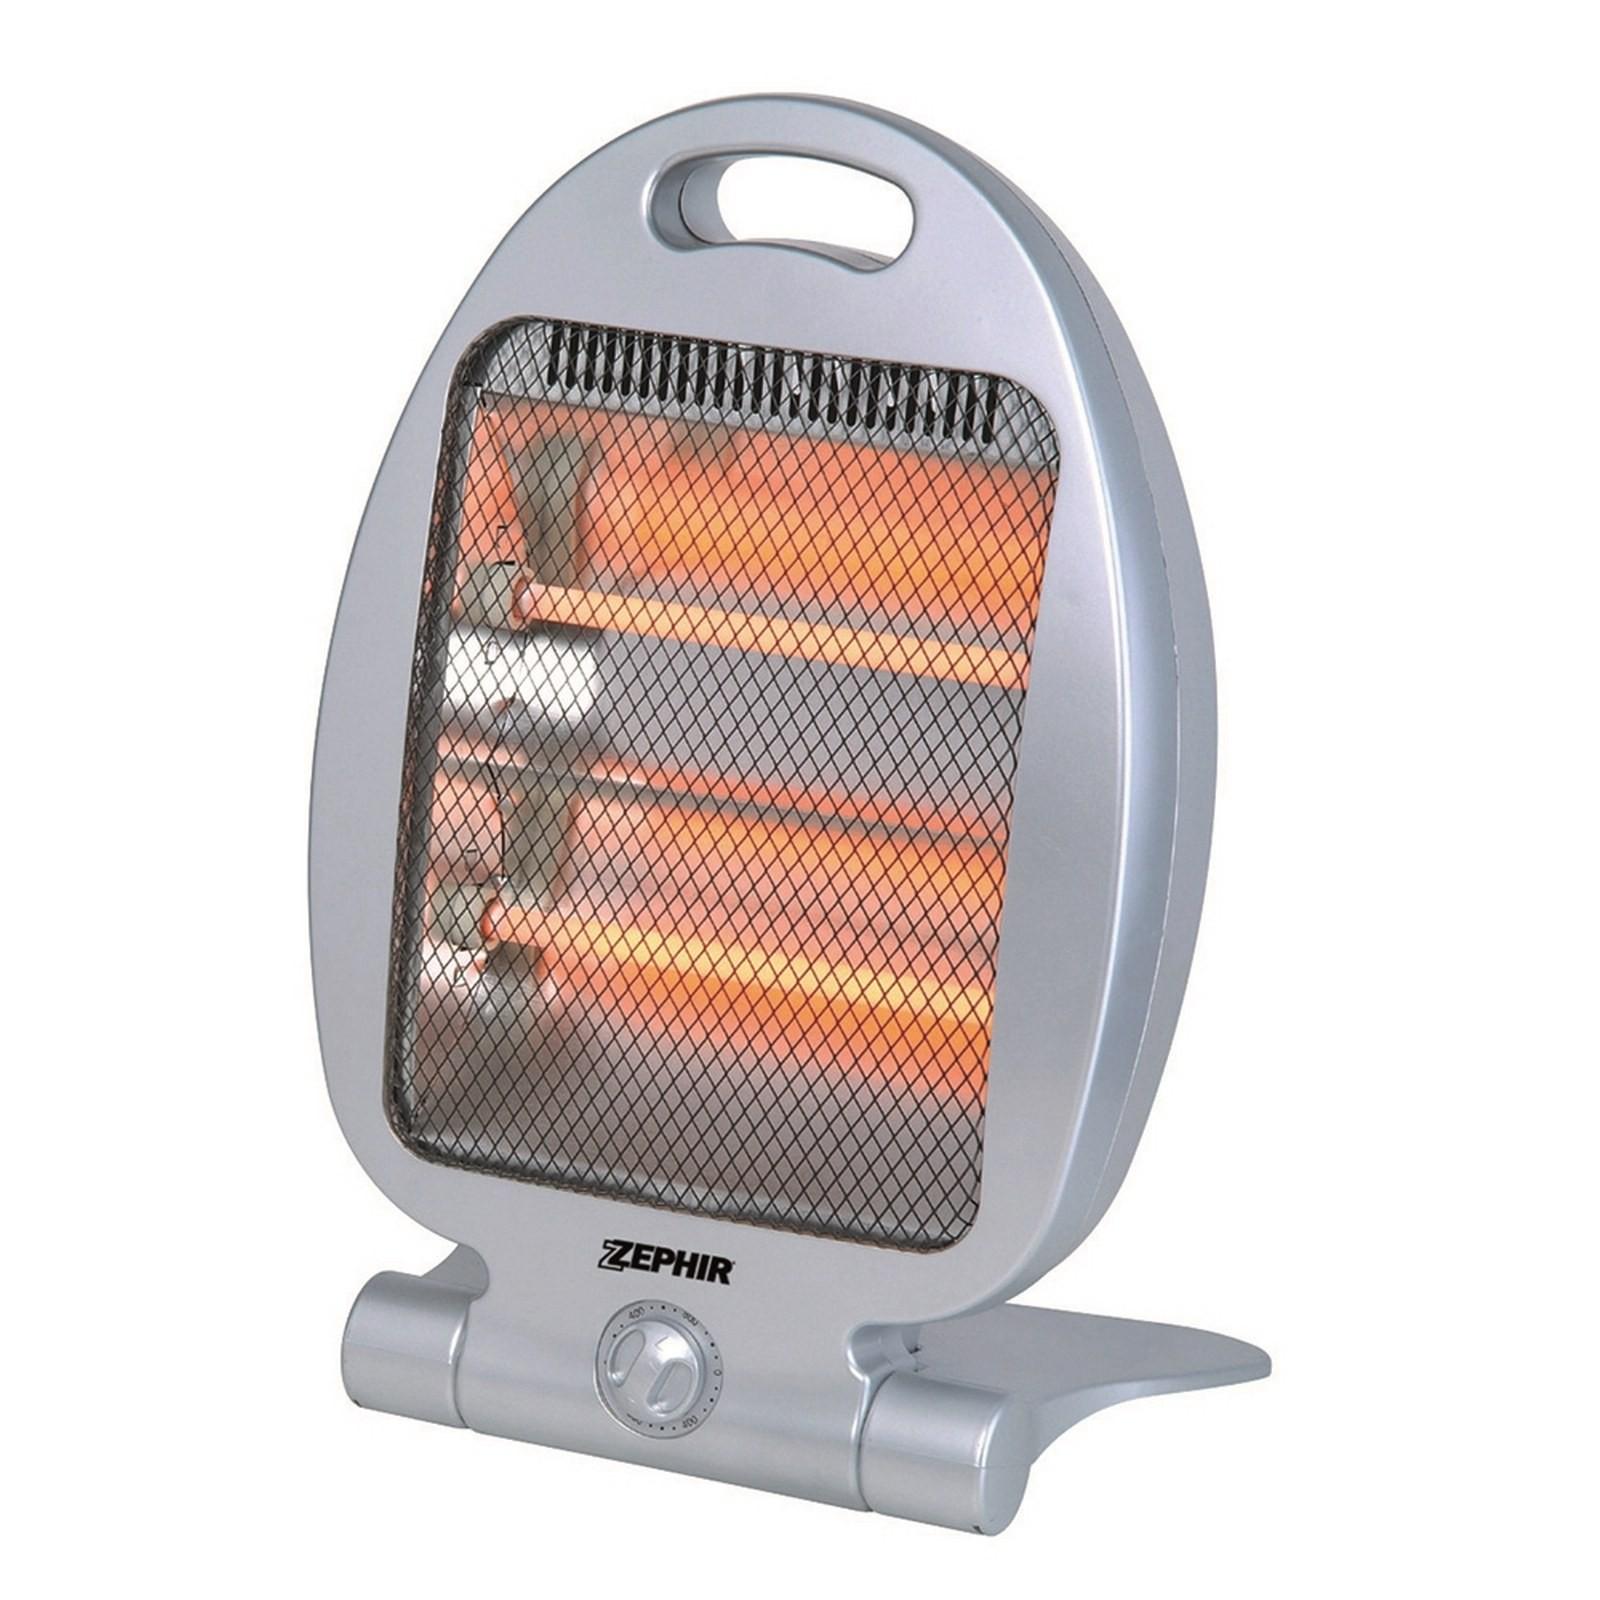 Stufa elettrica stufetta alogena riscaldamento caldobagno al quarzo 800w area illumina - Stufe a olio elettriche ...